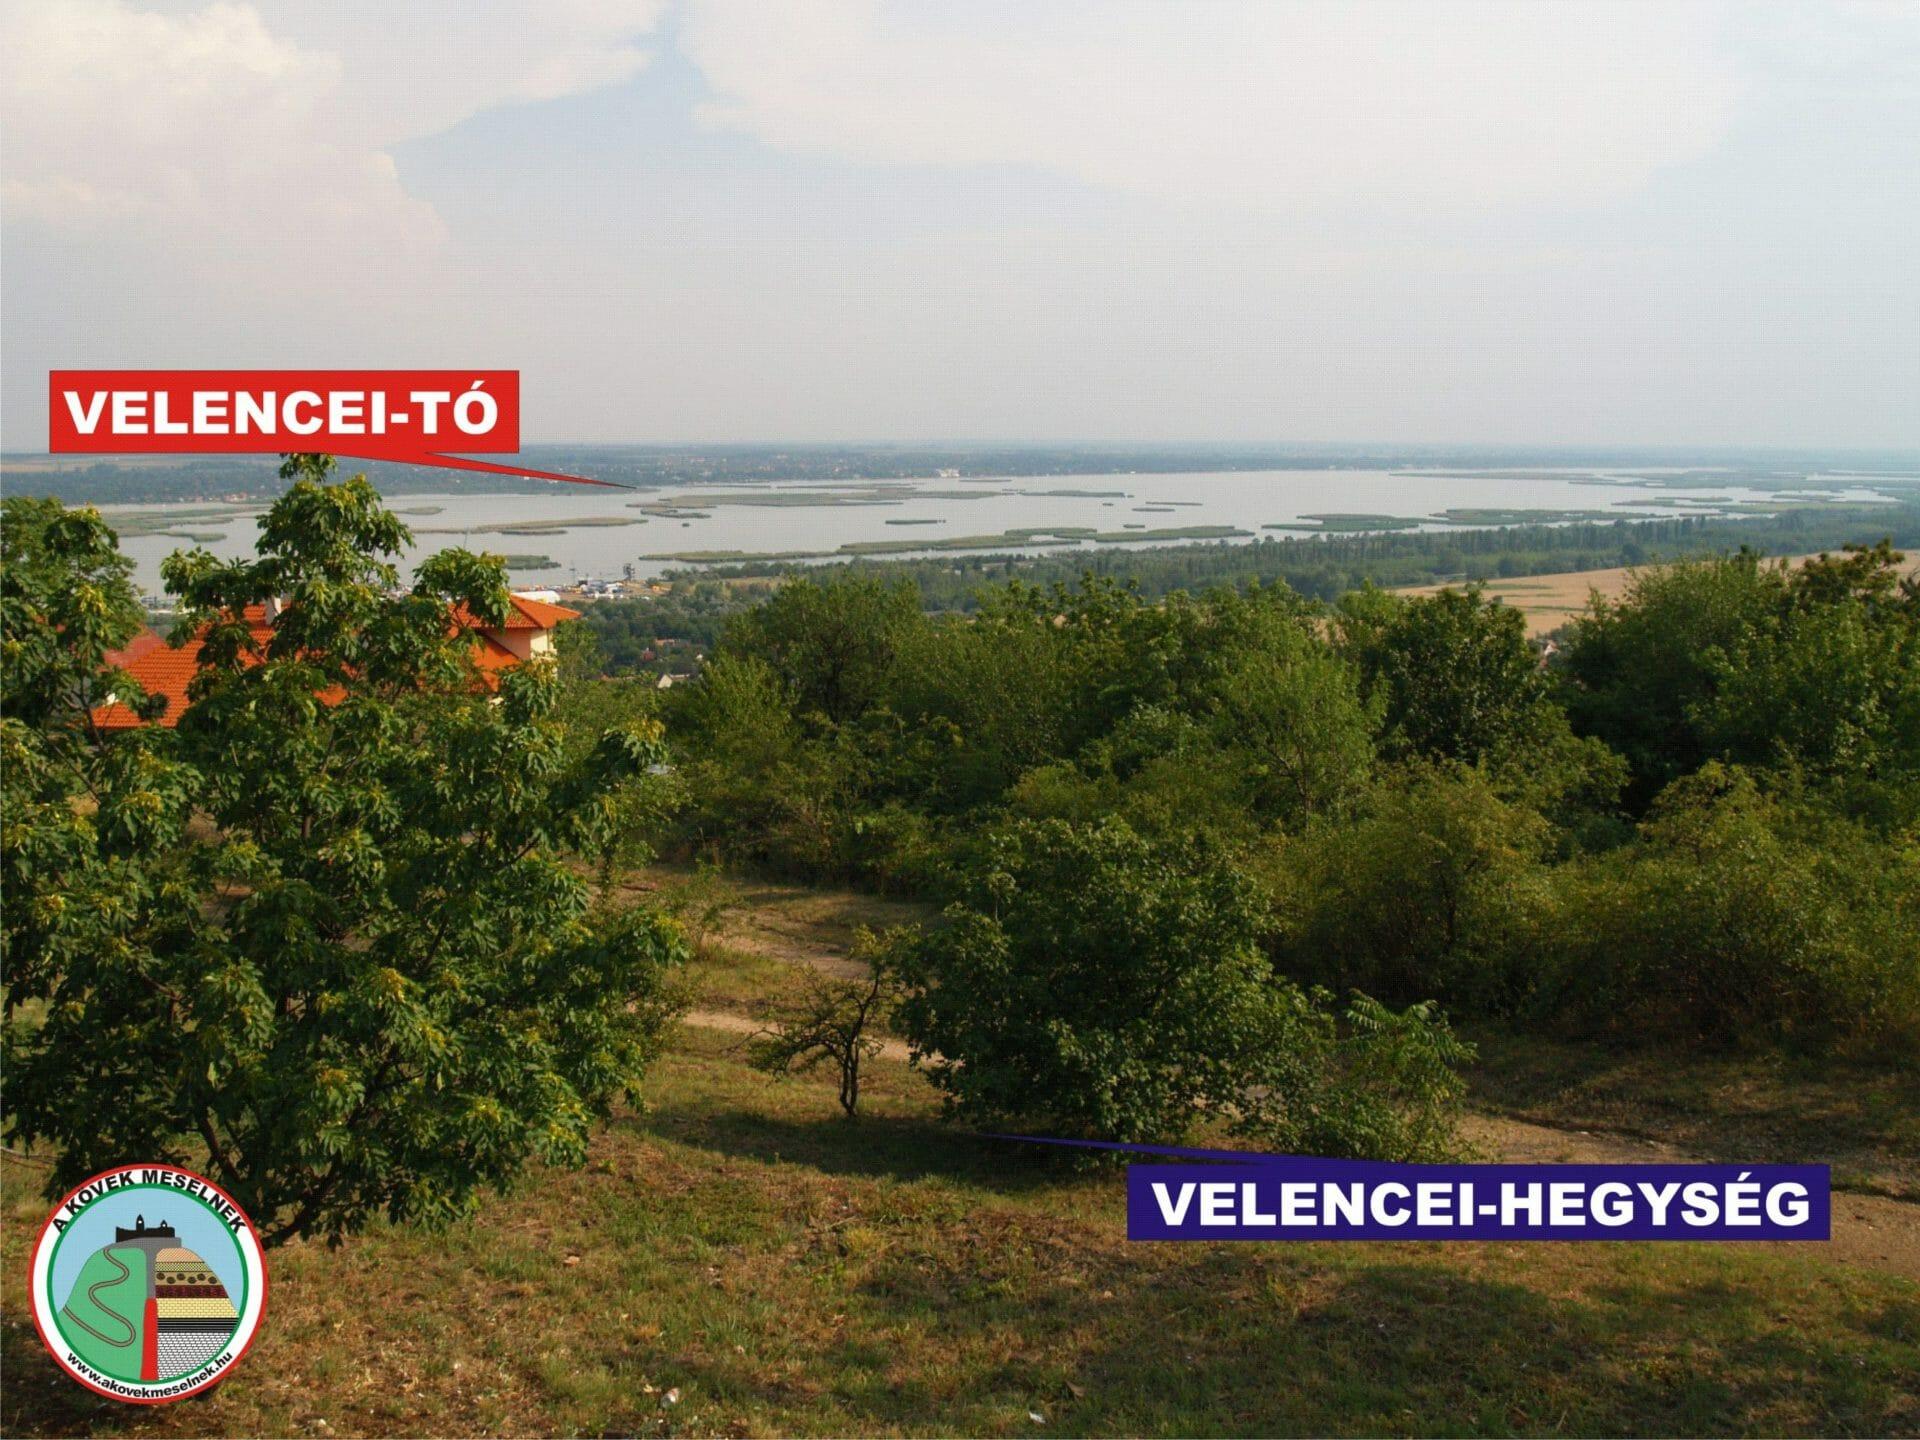 Velencei-tó (egyéb)